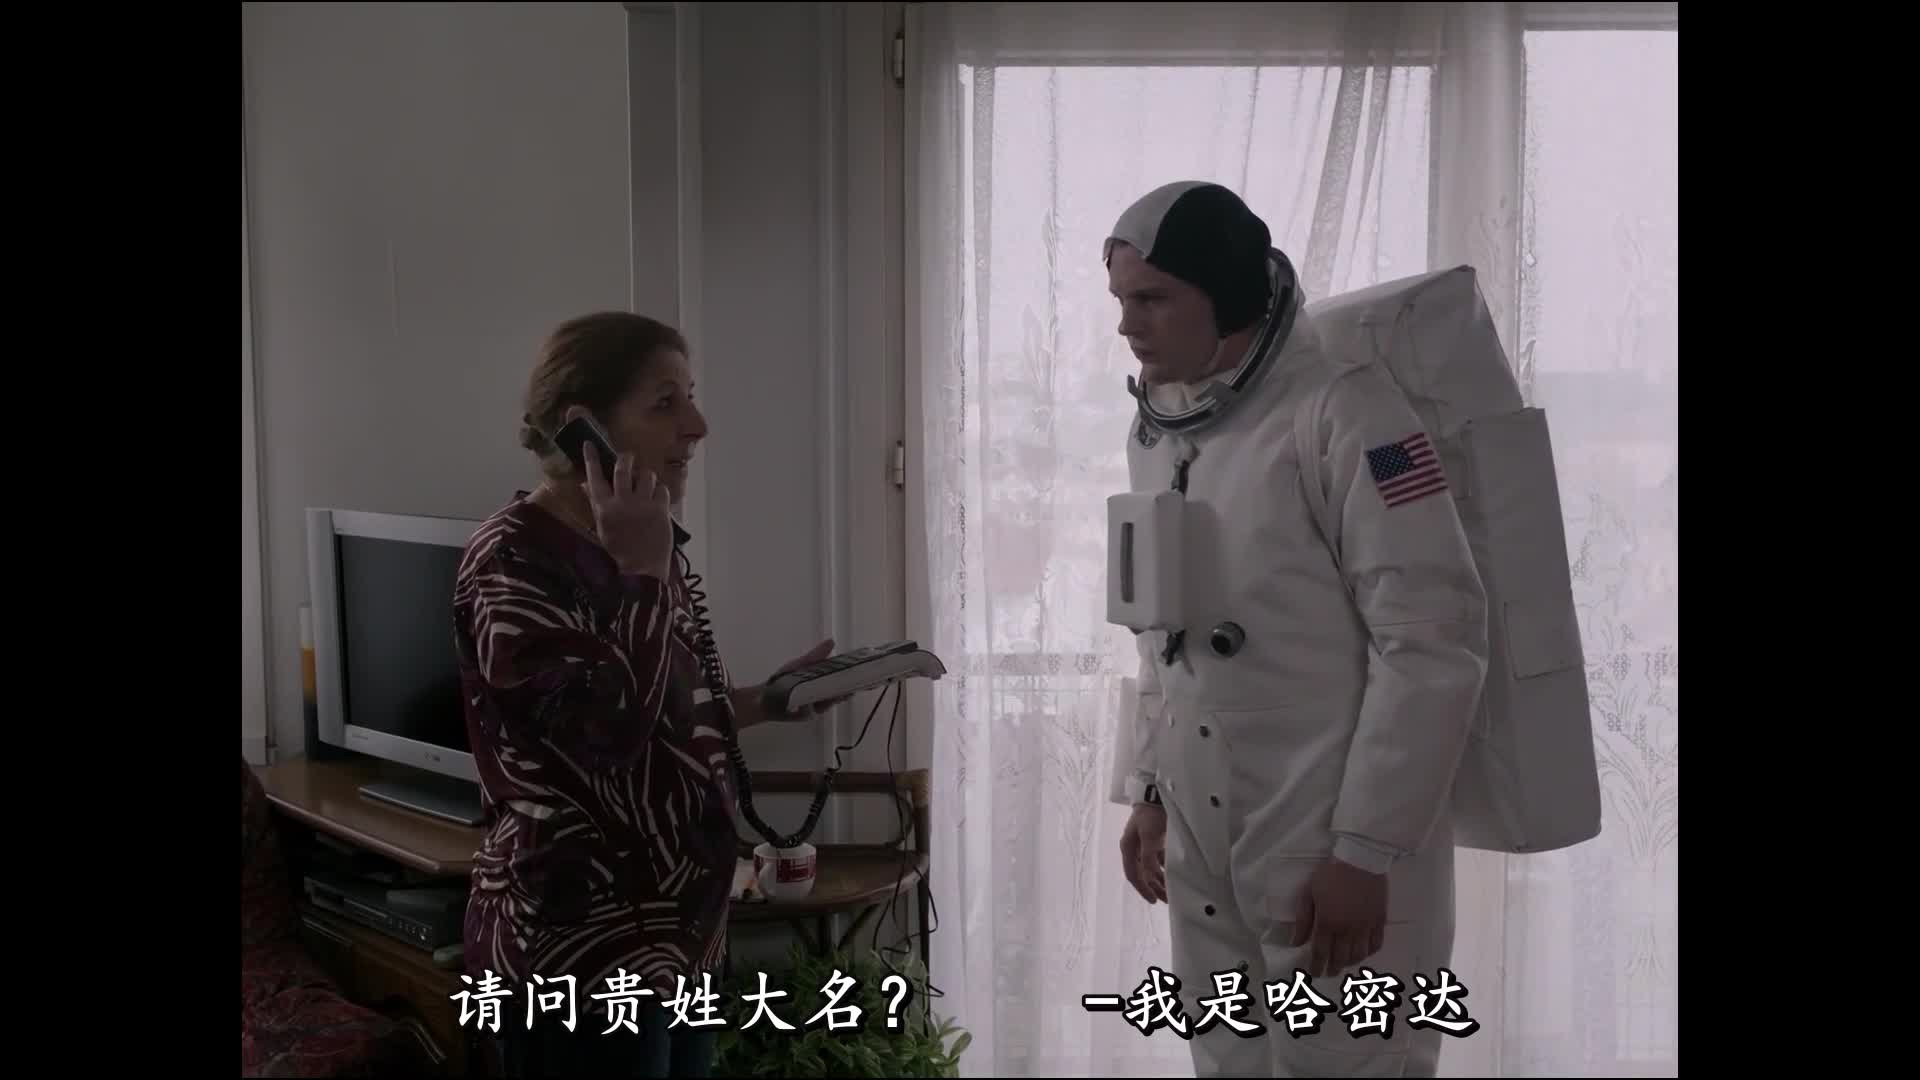 宇航员打电话说了这样的话,太太觉得他很可怜,留他吃饭